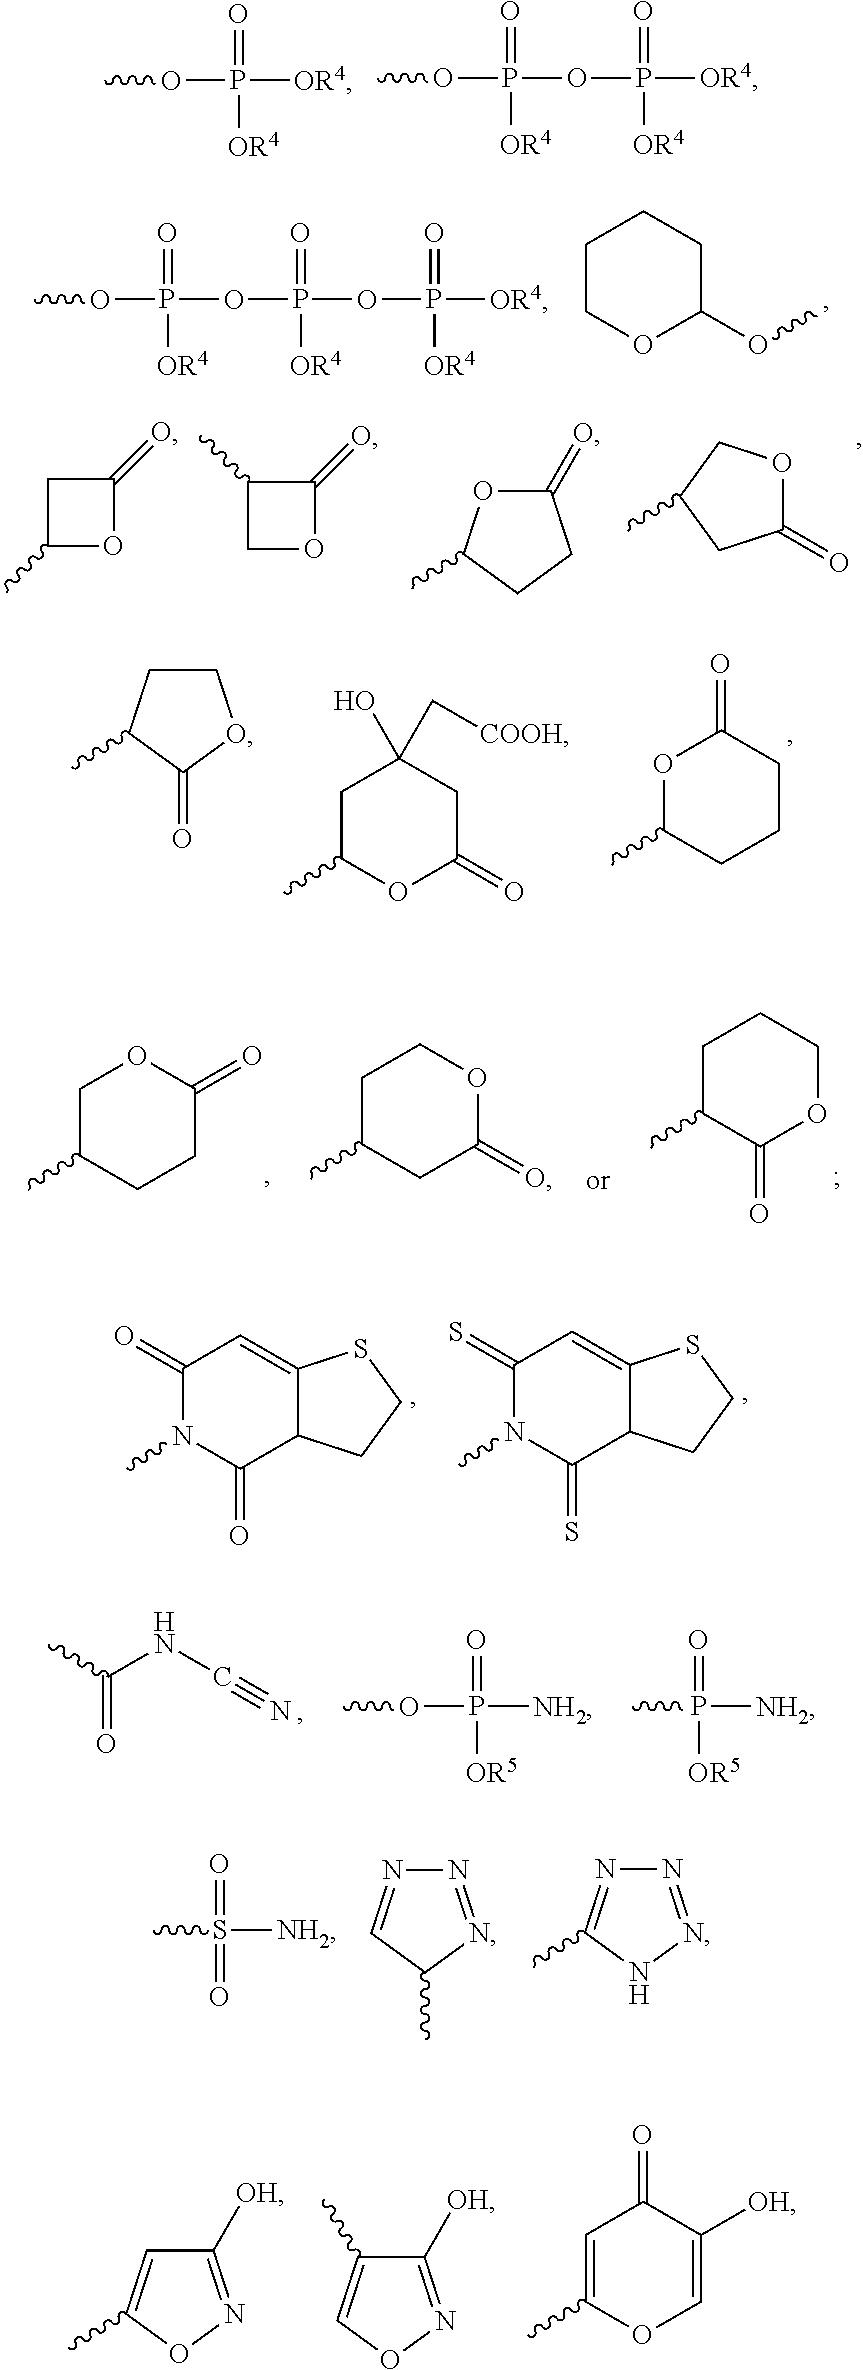 Figure US09855240-20180102-C00008